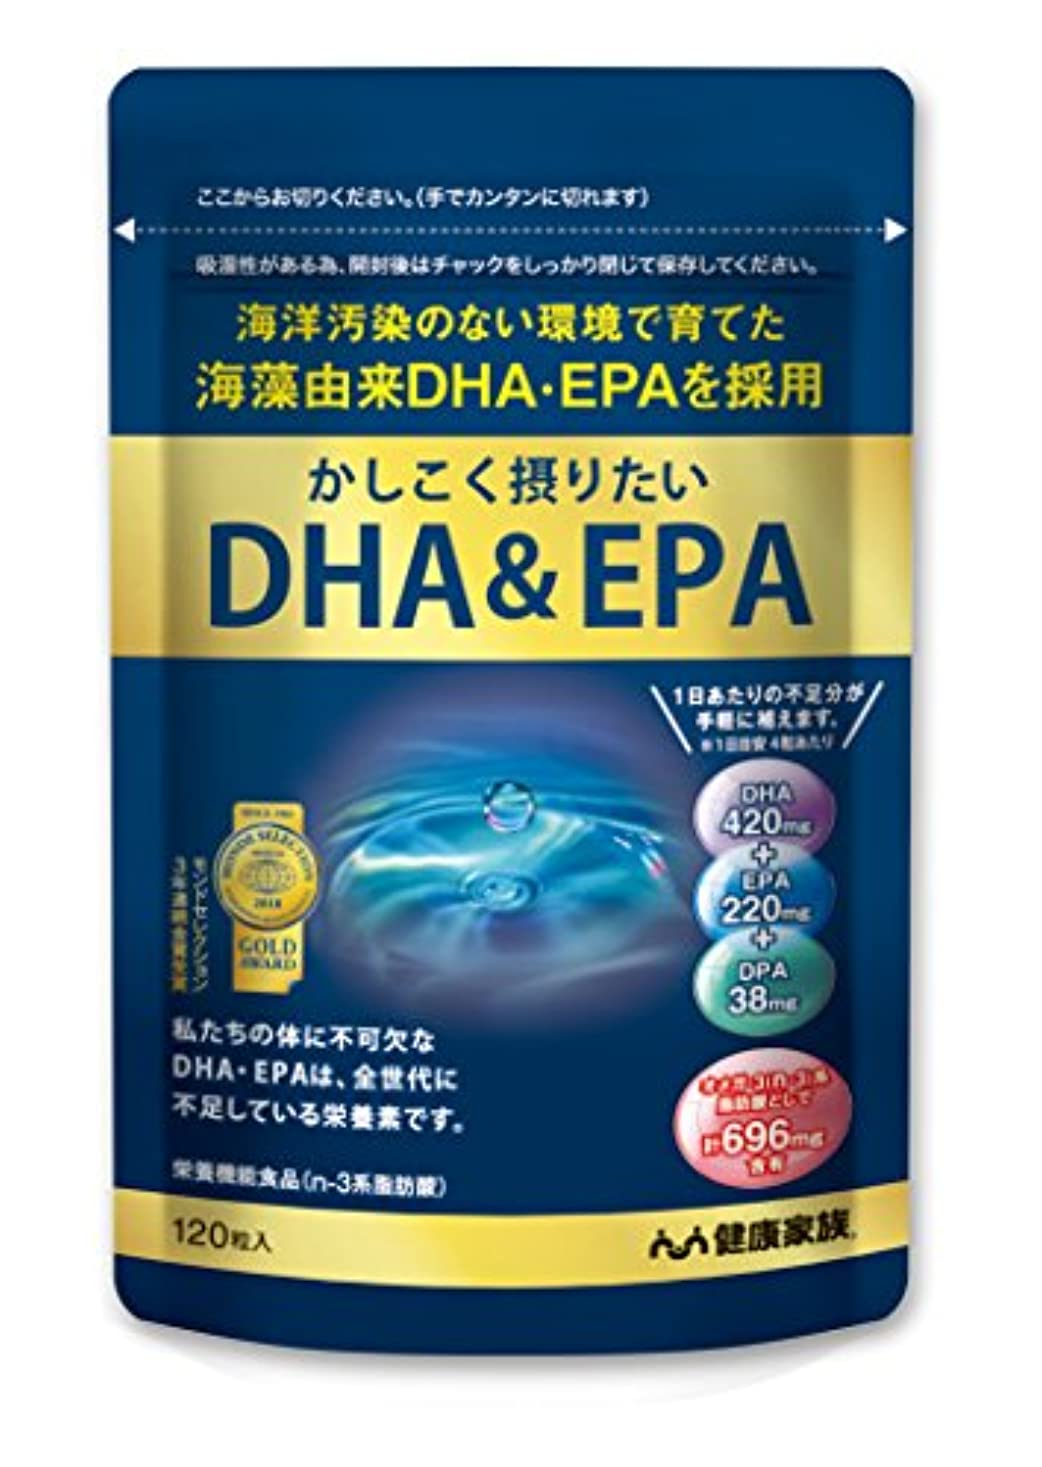 メカニック征服するエチケット【健康家族】 かしこく摂りたいDHA&EPA (1粒の内容量334mg×120粒)